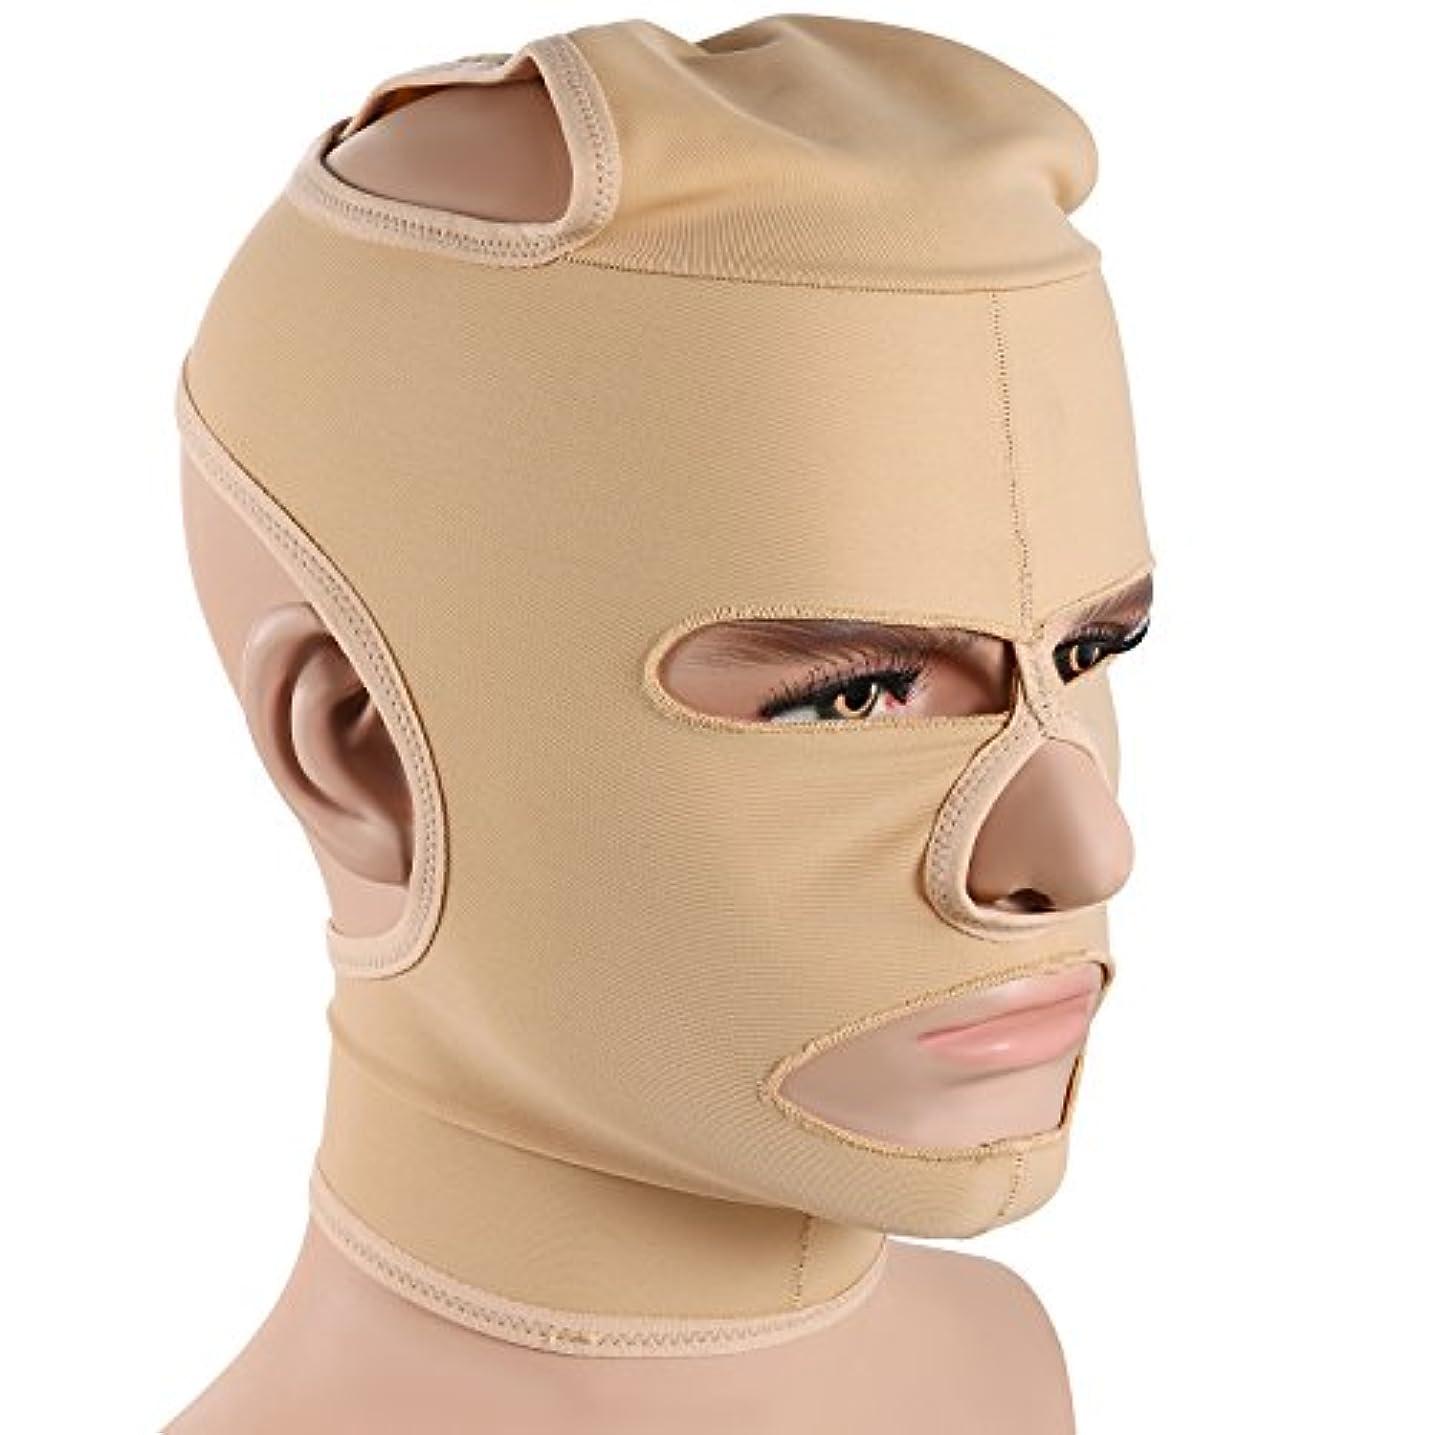 代替談話有害JewelryWe 小顔補正マスク 小顔ベルト 法令線予防 シワ防止 美顔 額、顎下、頬リフトアップ 男女兼用 Mサイズ